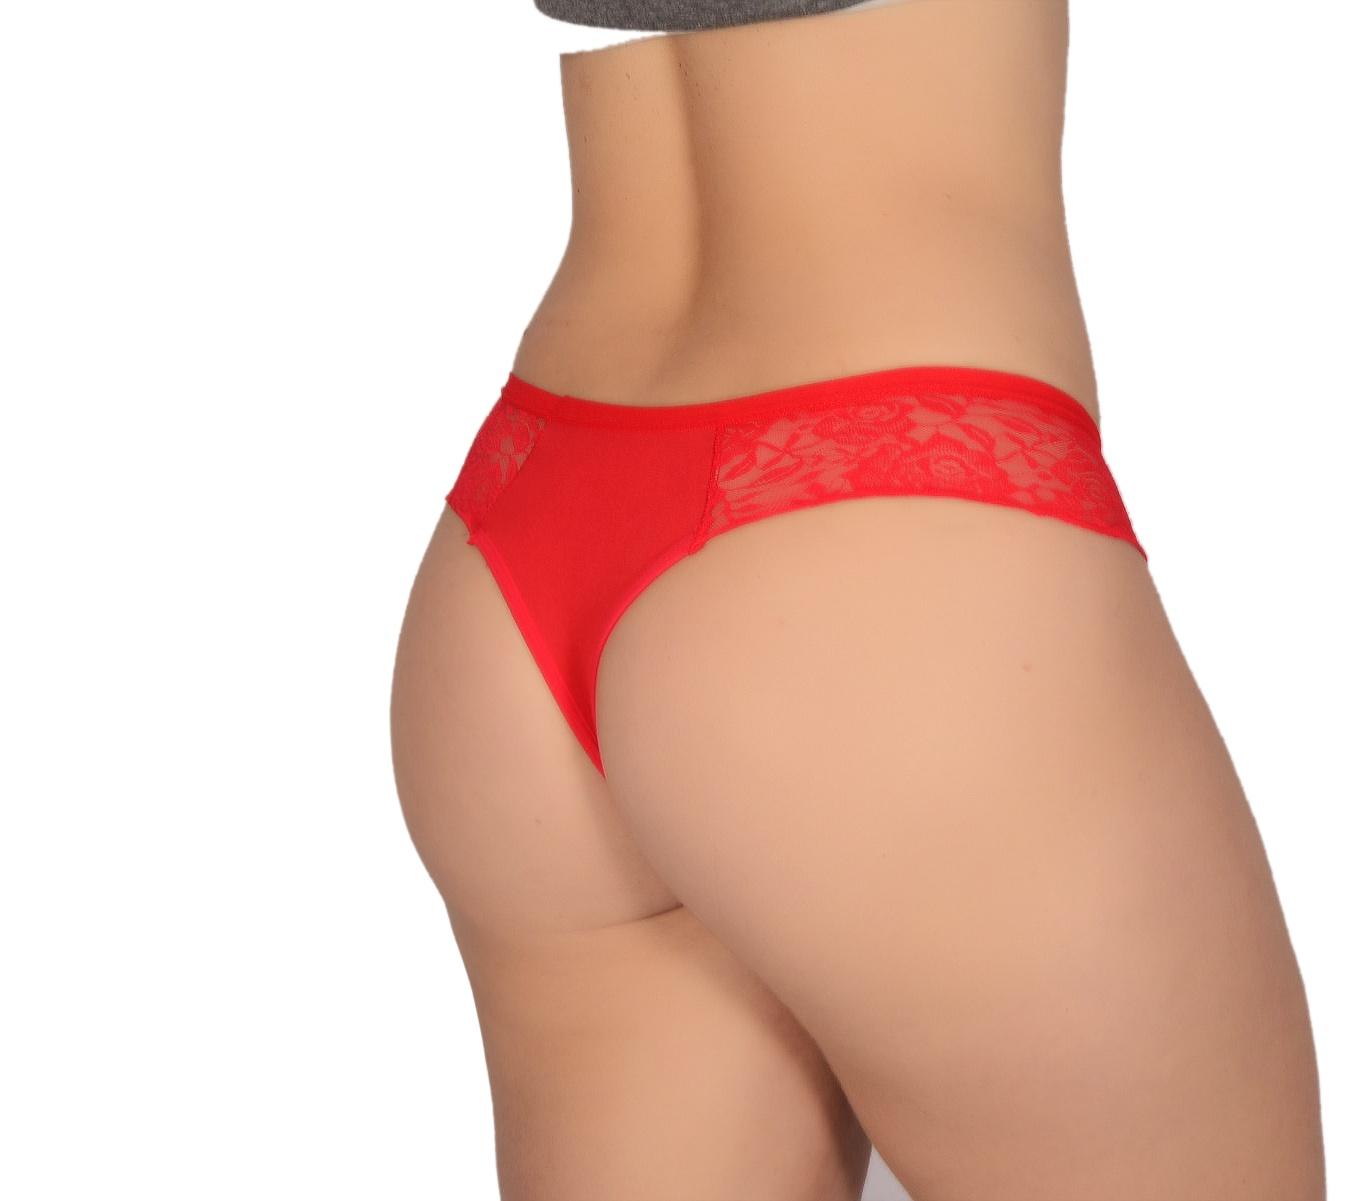 TANGA EM RENDA E ROMANTIC CAROL  - Fribasex - Fabricasex.com